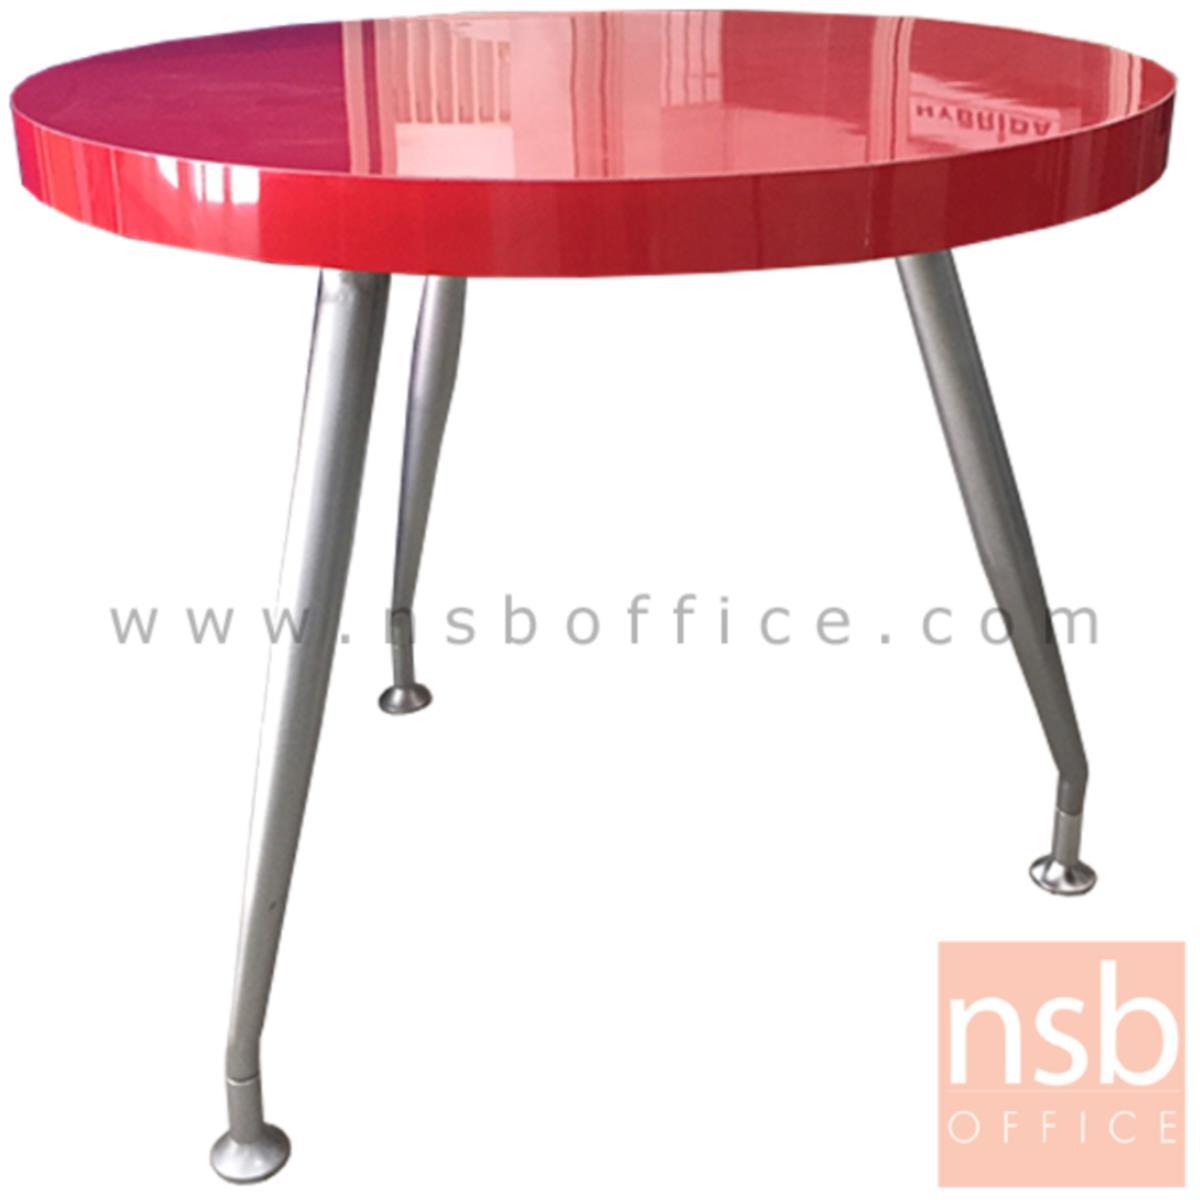 โต๊ะประชุมกลม  ขนาด 90Di*79H cm. ขาเหล็ก